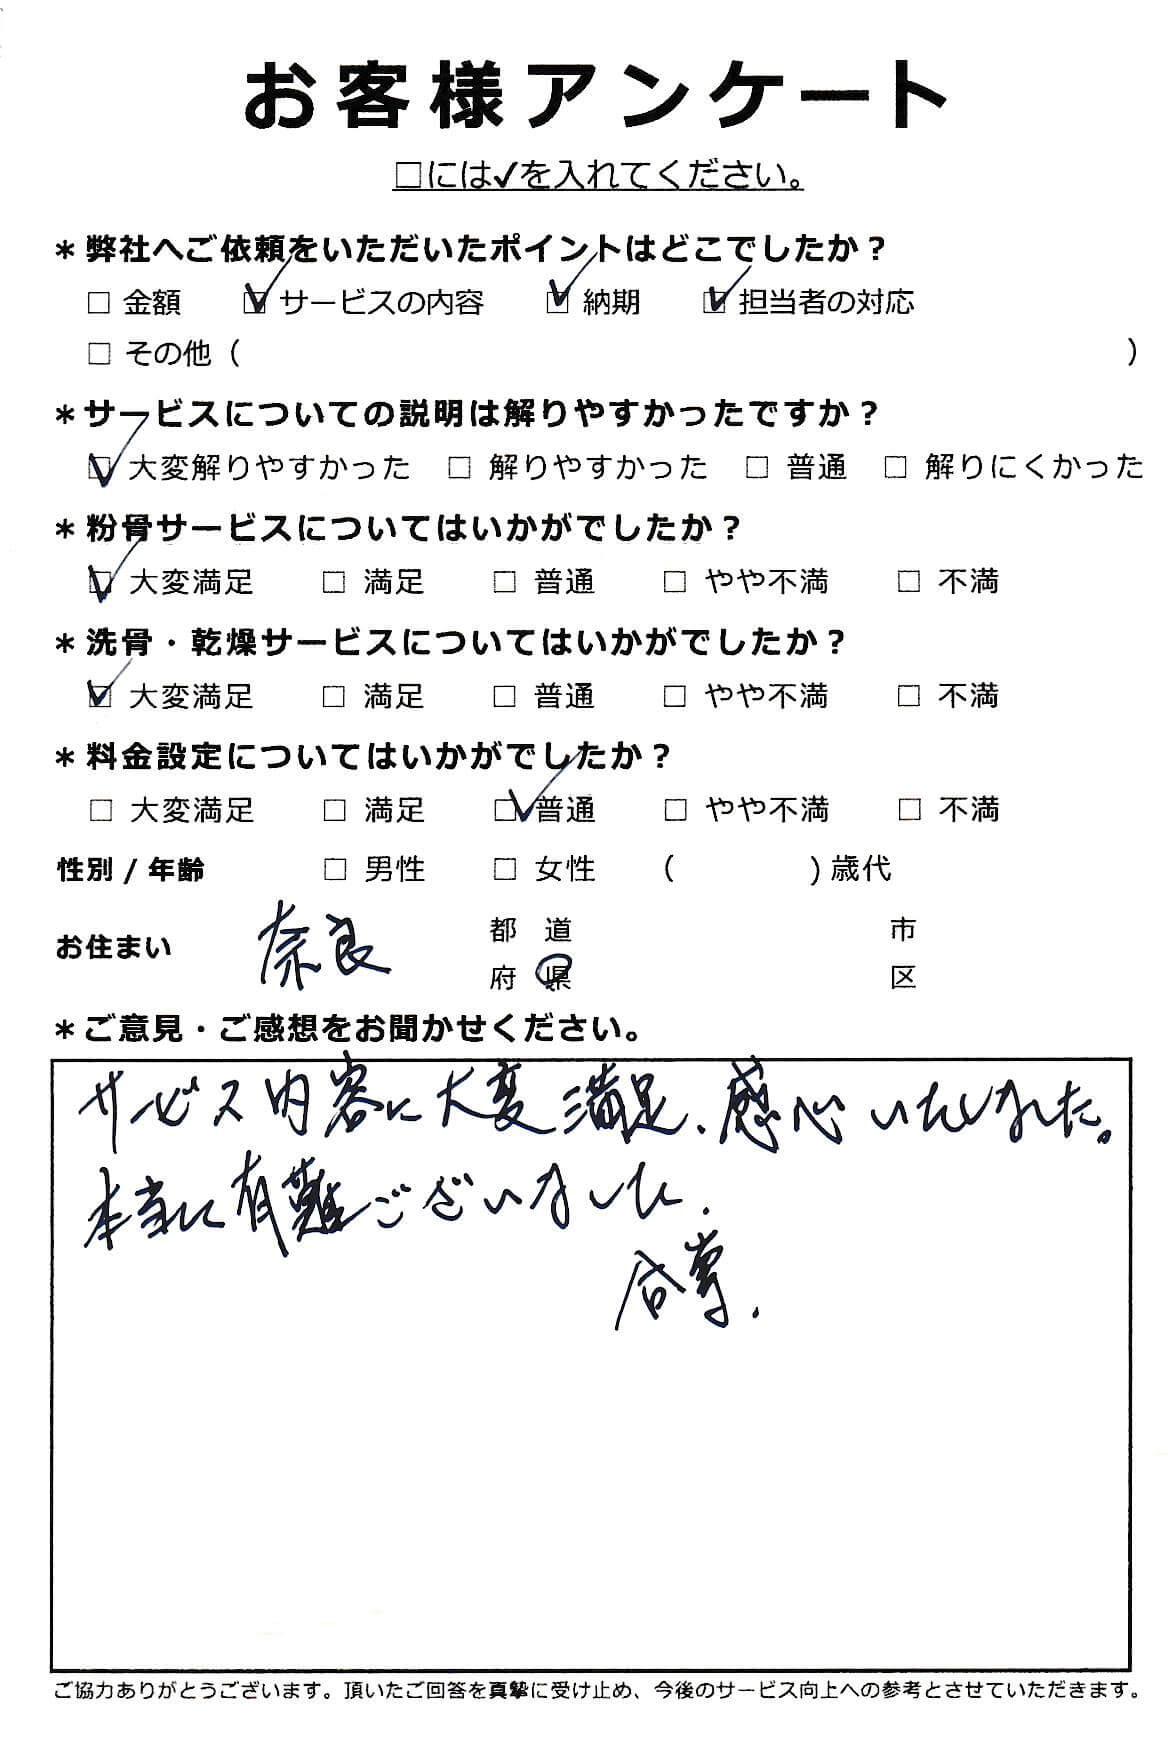 奈良県での粉骨サービス